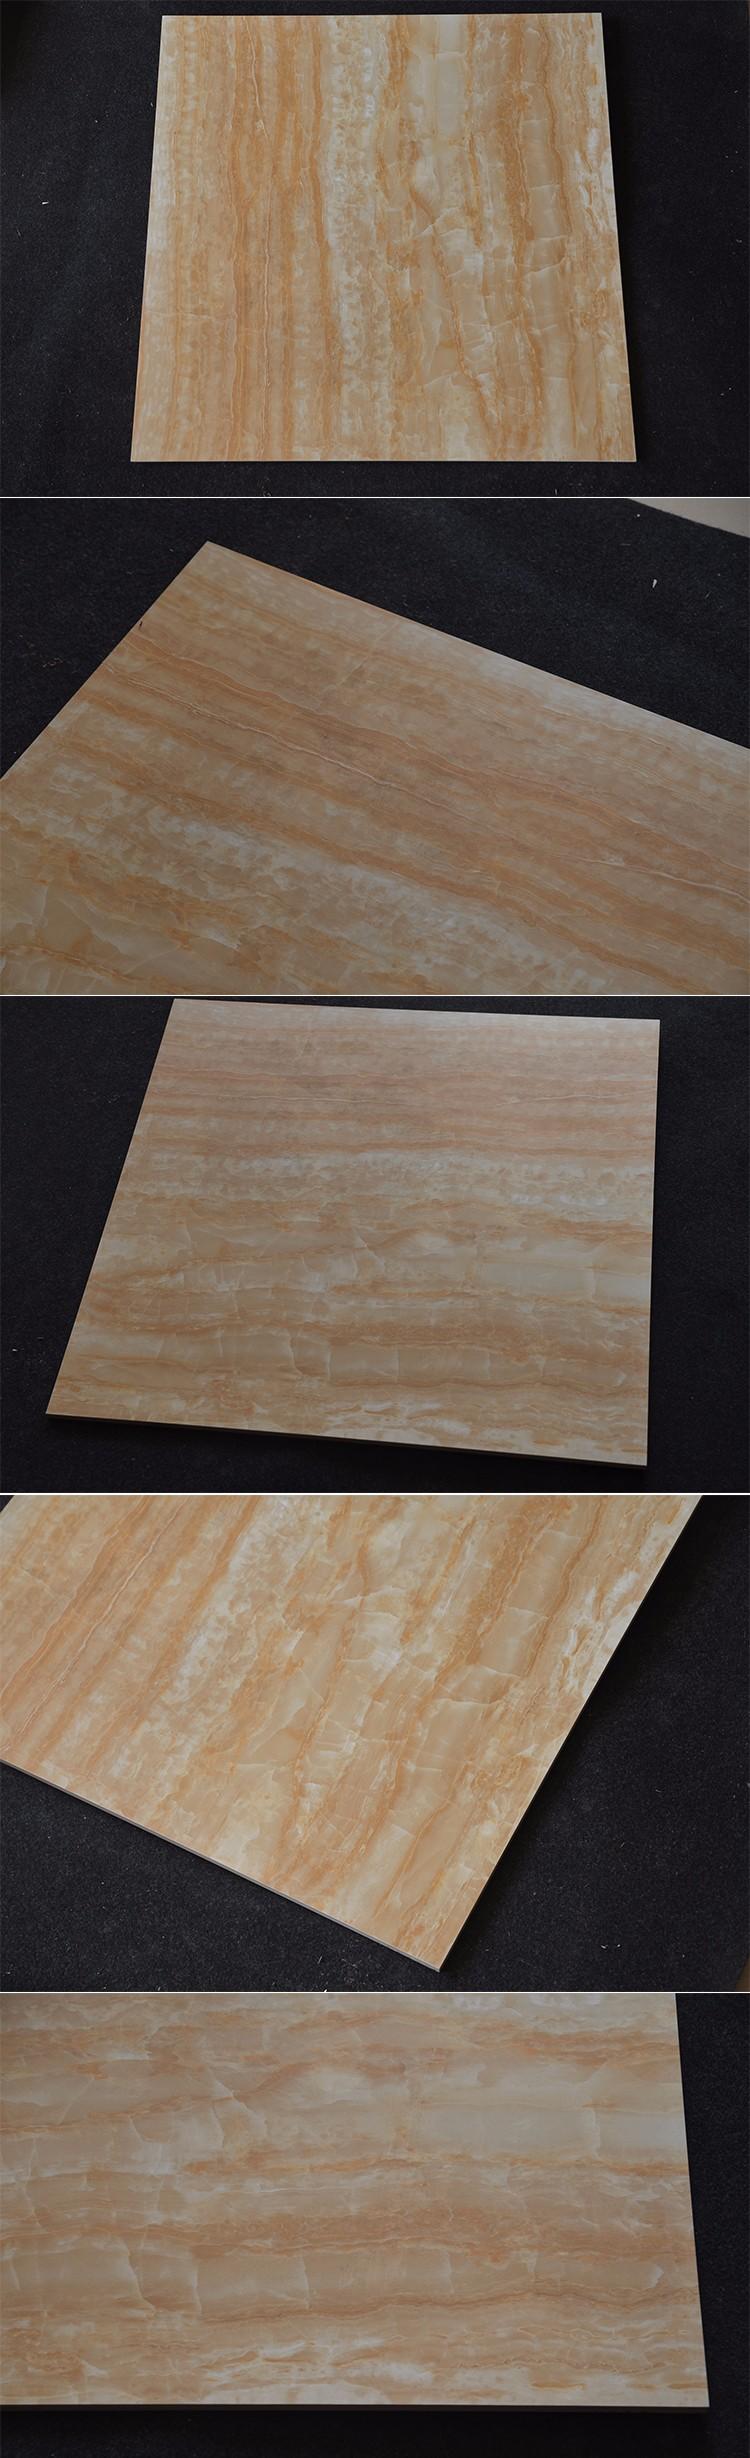 Hmp648m india ceramic rustic tileterracotta floor tiles for sales hmp648m india ceramic rustic tileterracotta floor tiles for sales in sri lanka dailygadgetfo Choice Image